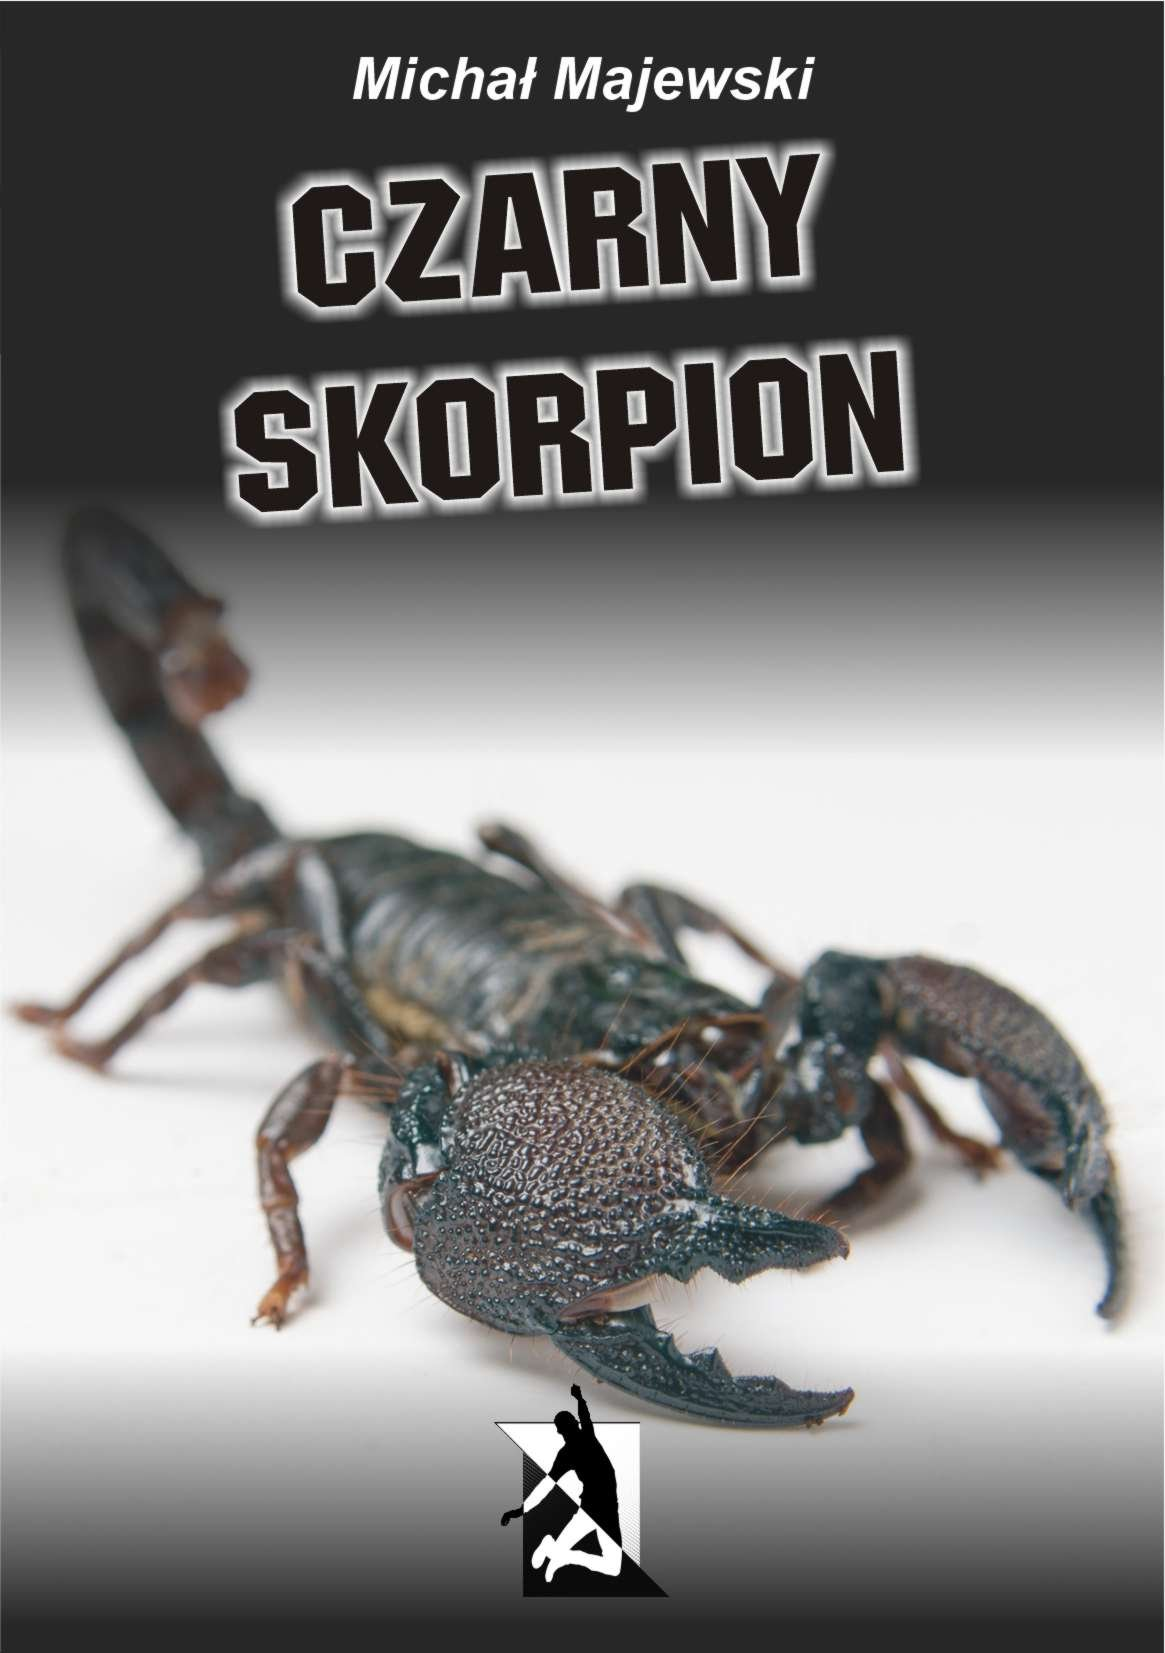 Czarny skorpion - Ebook (Książka na Kindle) do pobrania w formacie MOBI